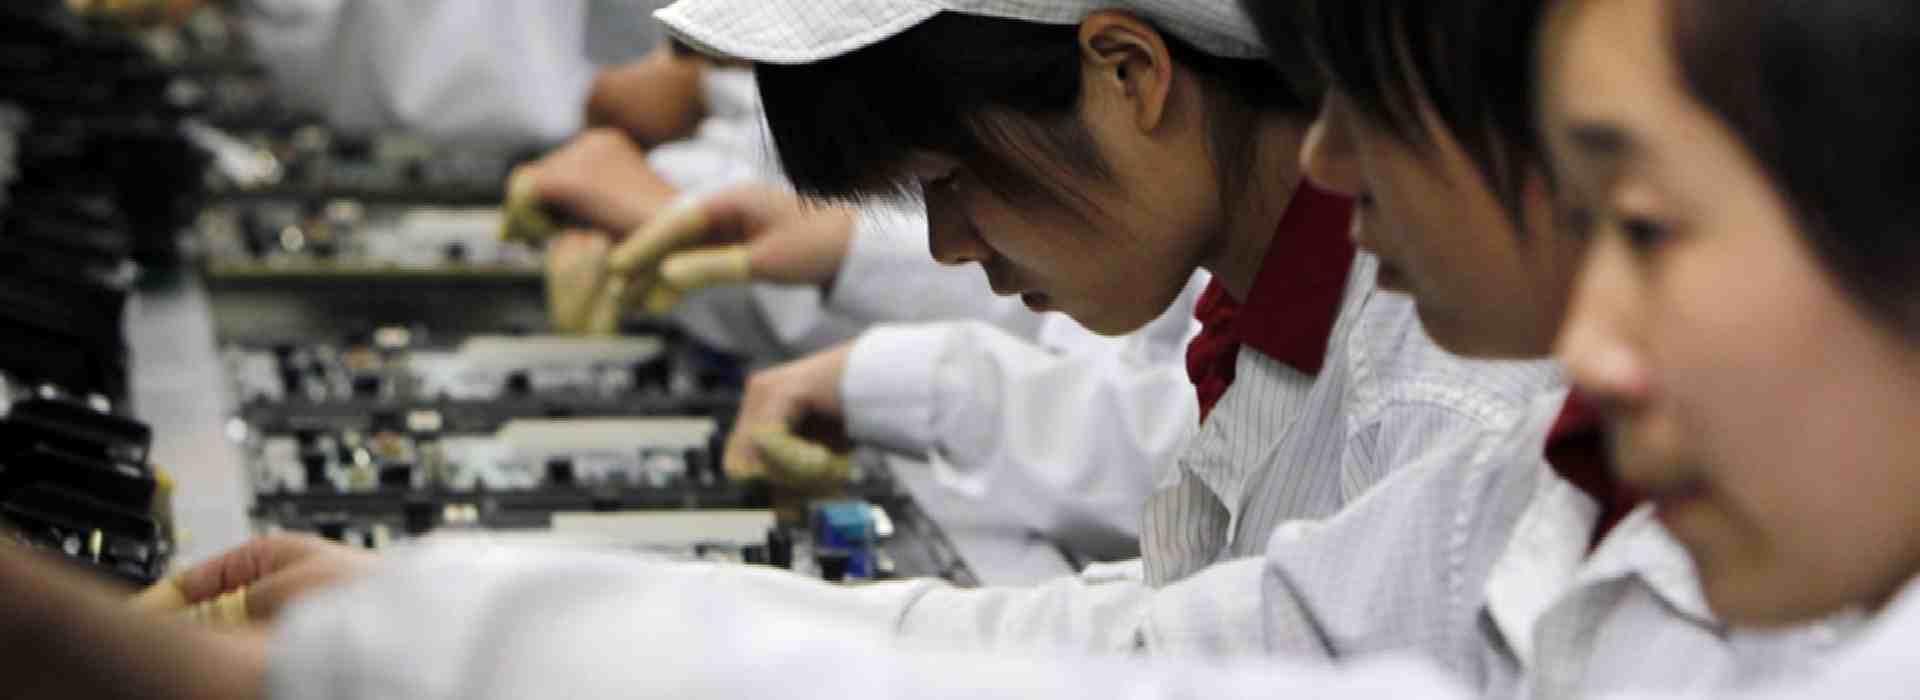 Semiconduttori, la tecnologia usata per il controllo. E i cinesi conquistano l'Italia